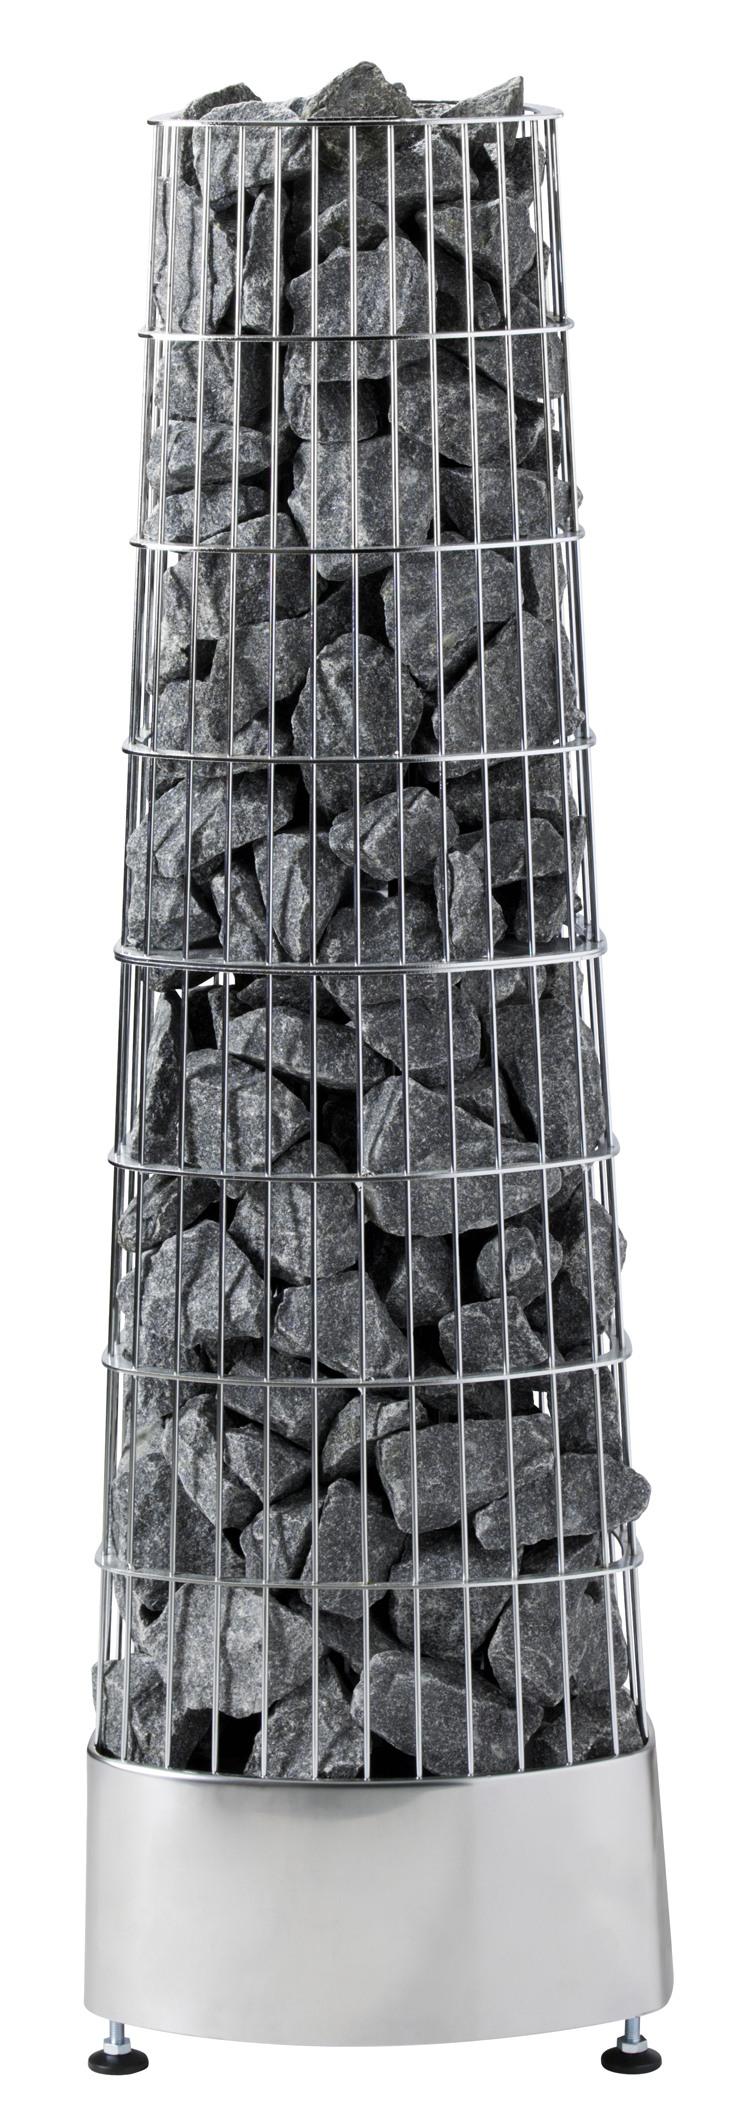 Hariva Kivi Saunaofen 7 KW ohne Saunasteuerung